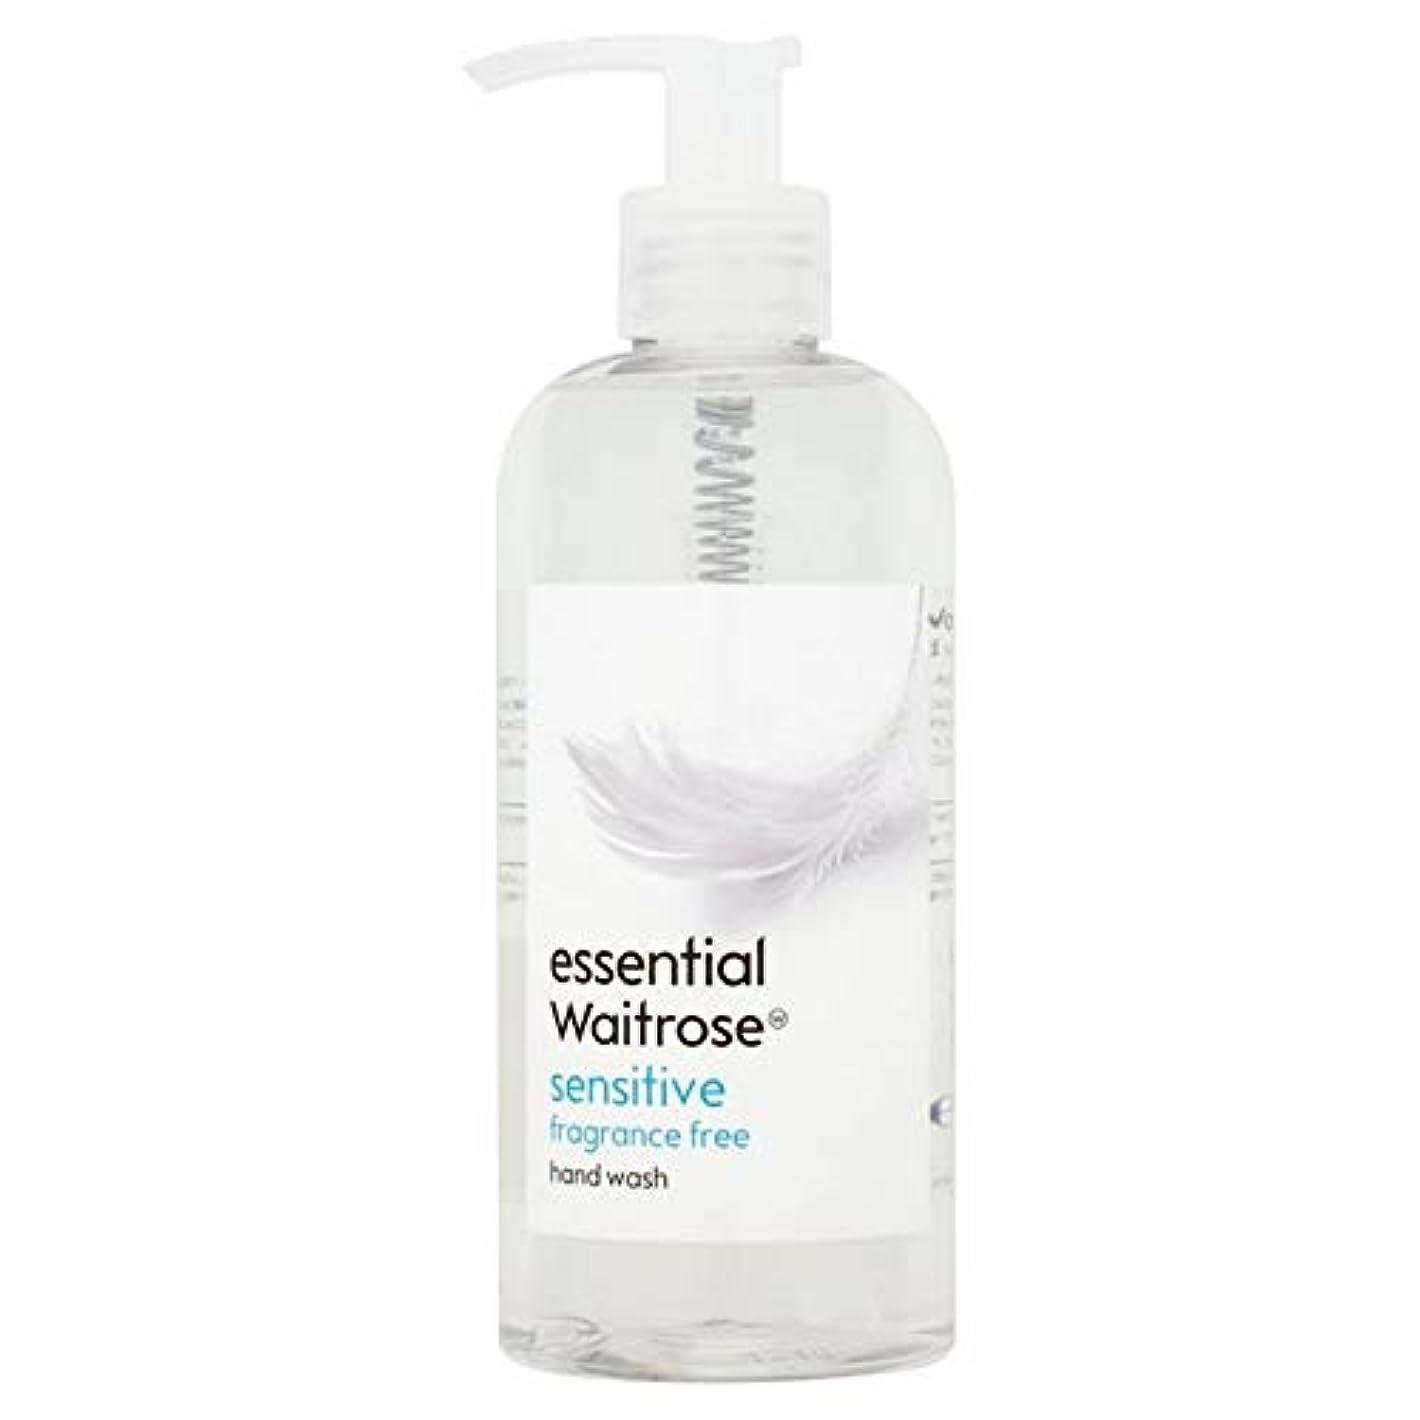 マーチャンダイジング望ましい政府[Waitrose ] 基本的なウェイトローズのハンドウォッシュ敏感な300ミリリットル - Essential Waitrose Hand Wash Sensitive 300ml [並行輸入品]